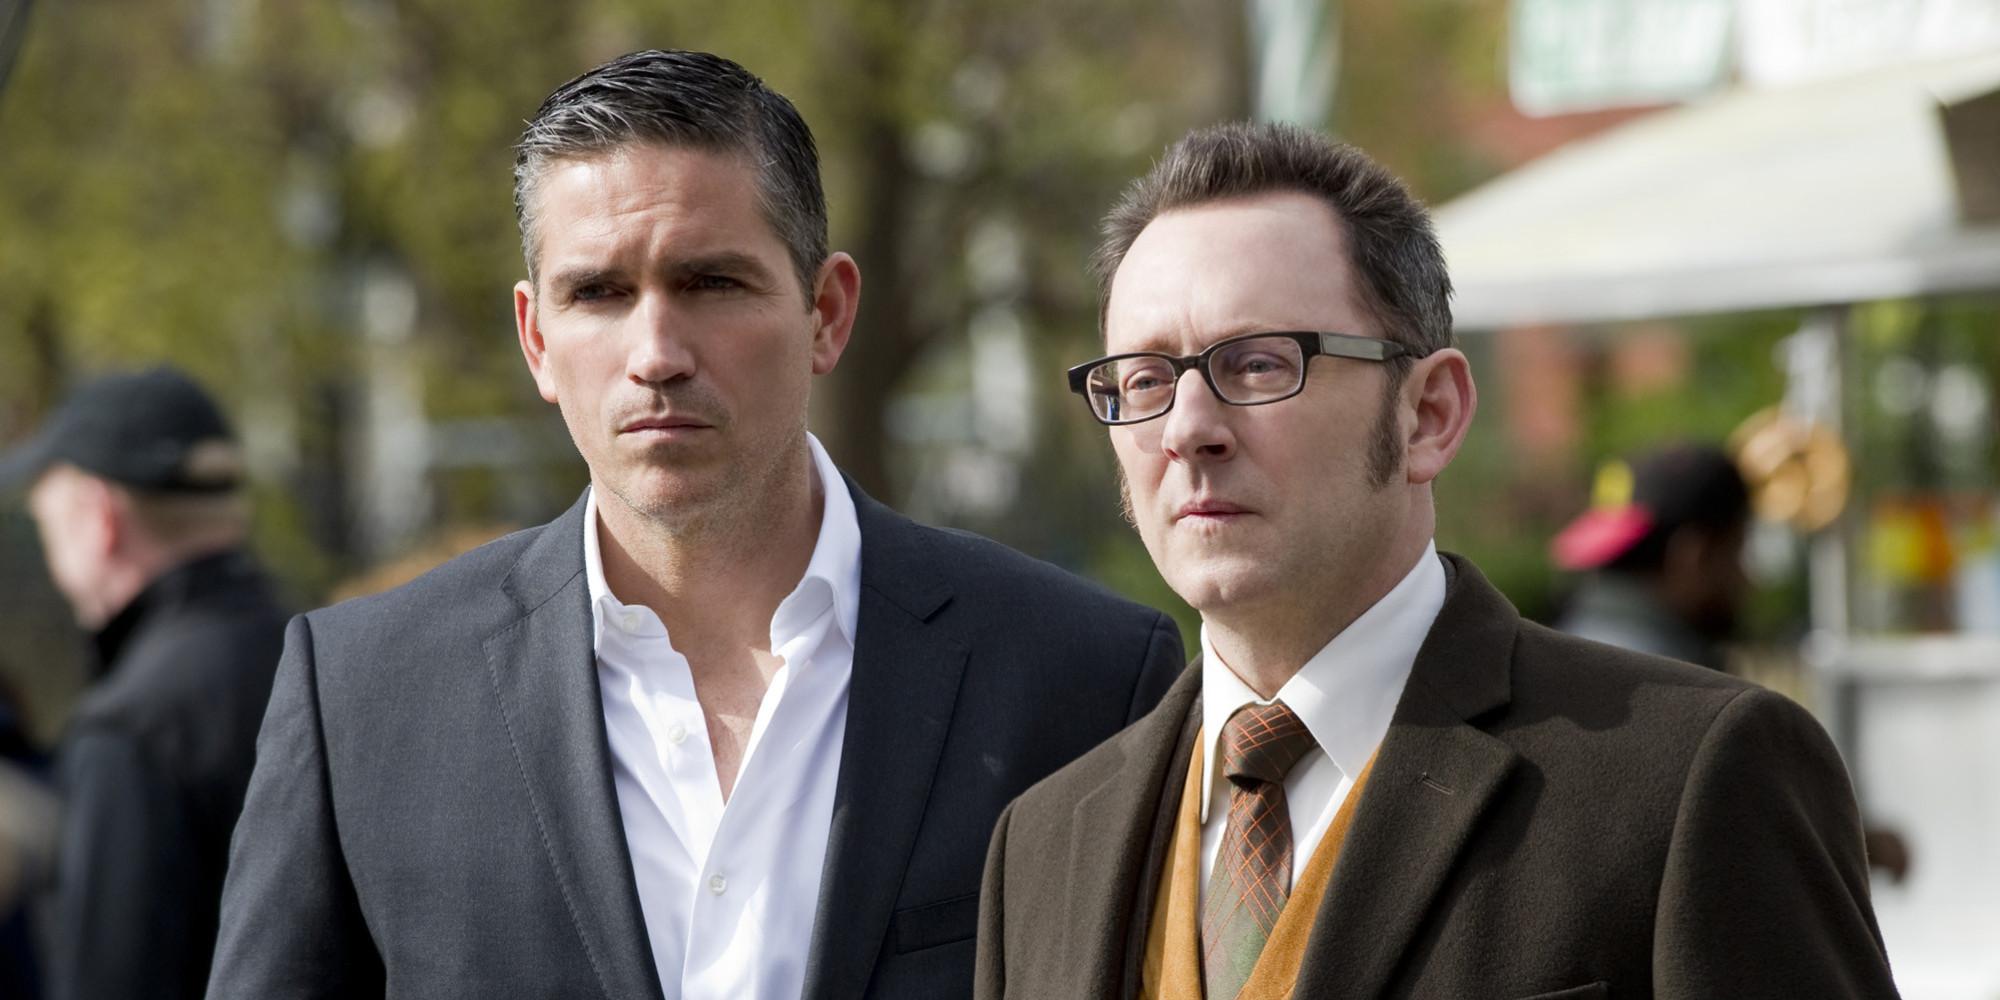 Suits tv show cast